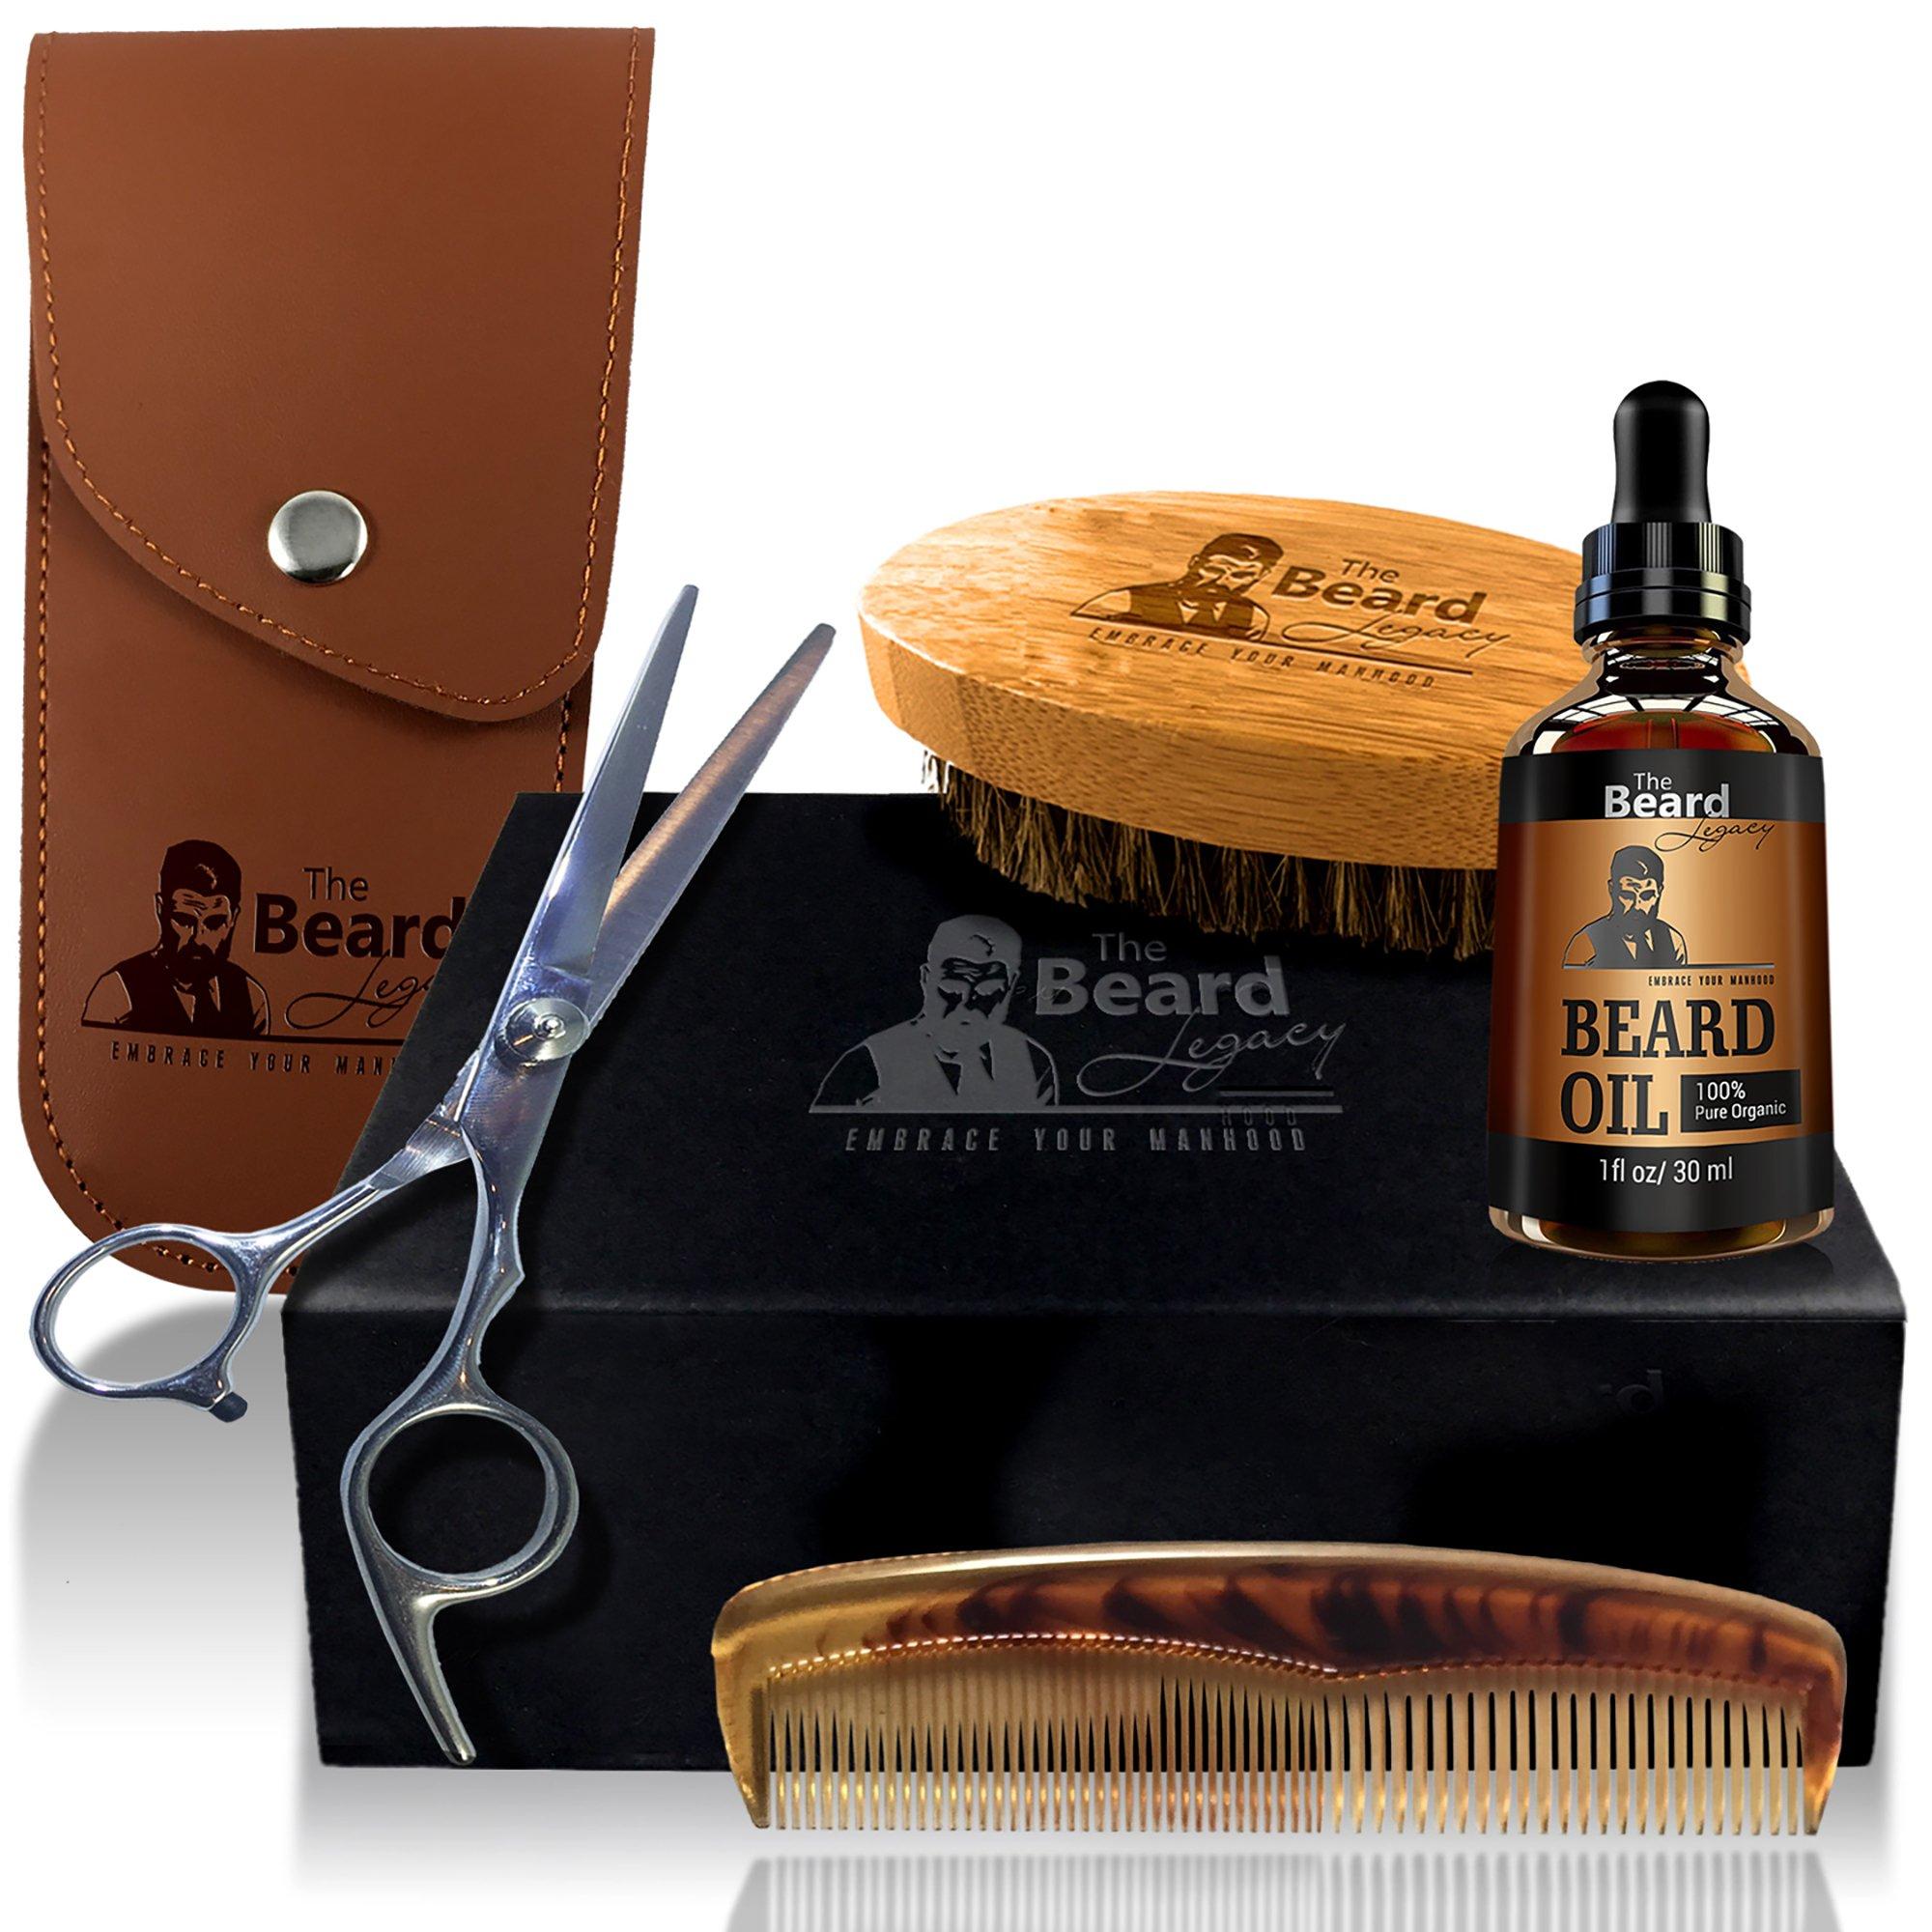 - Beard Trimmer - Beard Oil - Beard Growth - Beard Brush - Beard Comb - Beard Kit - Mens Grooming Kit - Beard Conditioner - Beard Growth Oil - Beard Grooming Kit For Men - Beard Scissors.